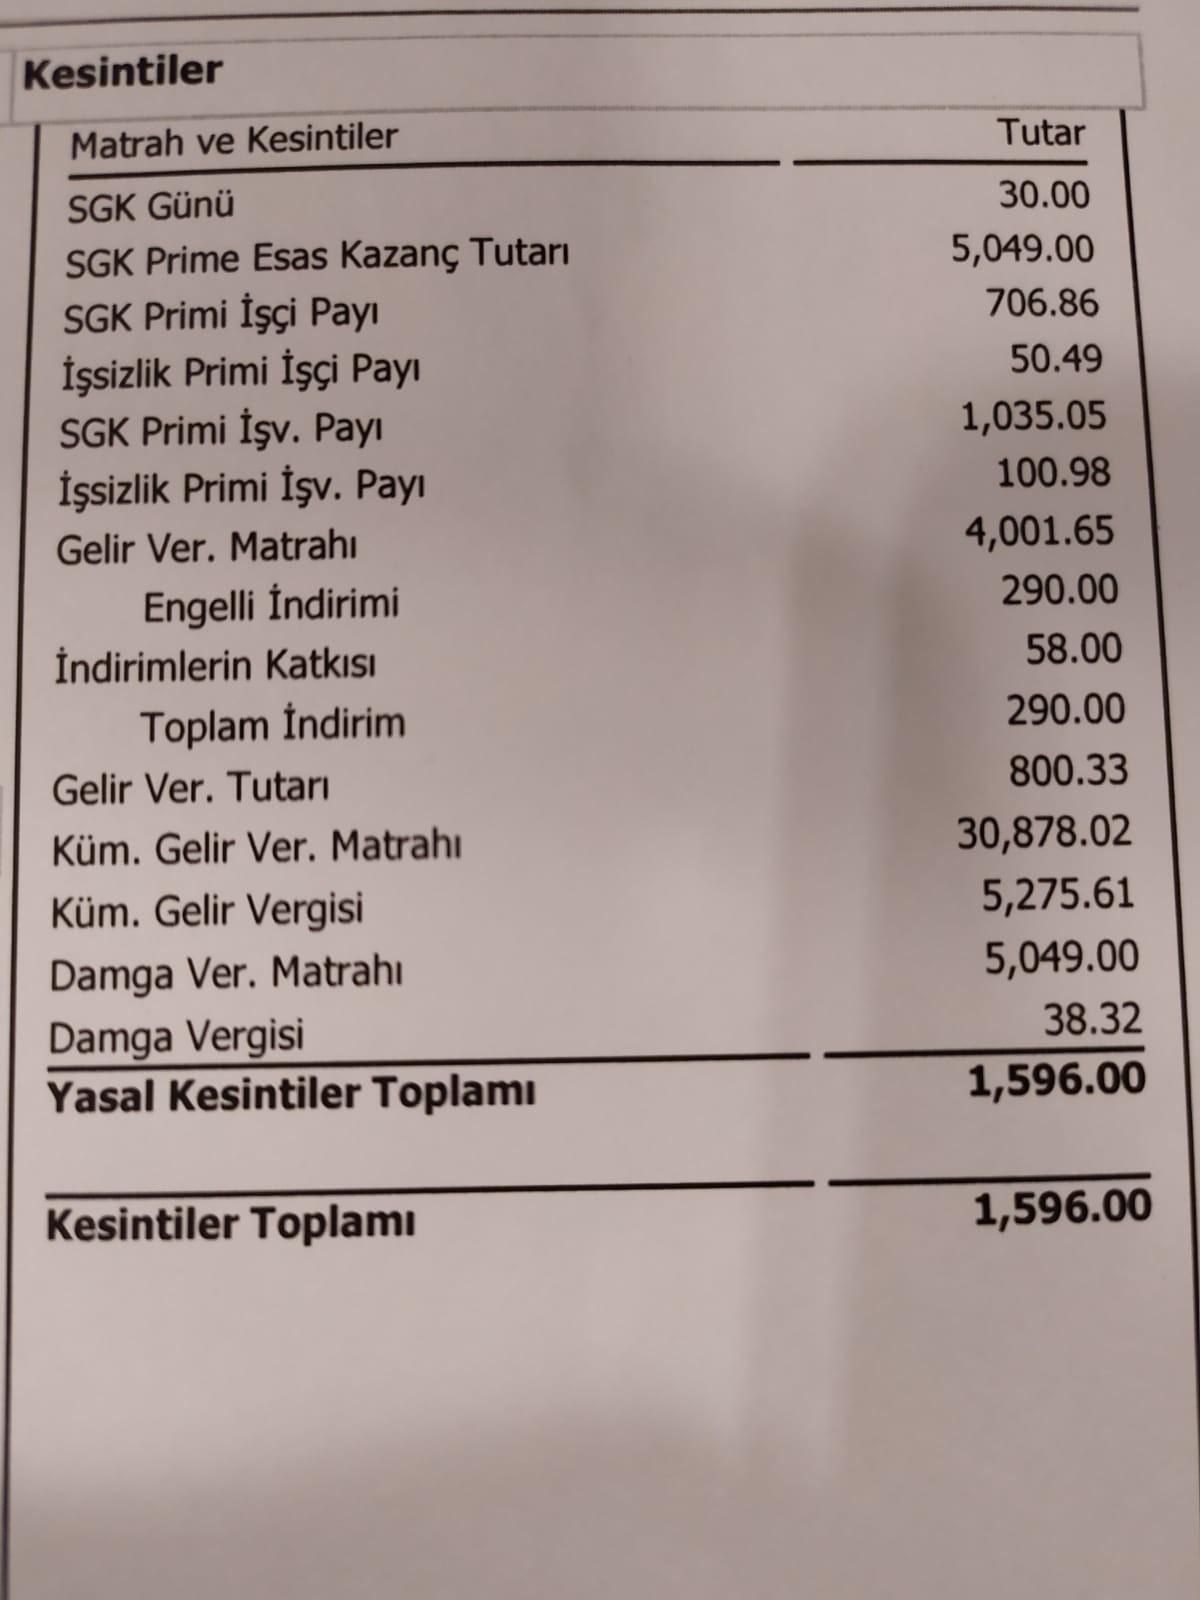 kMR5by - Bordroma göre vergi indiriminden yararlanıyor muyum?